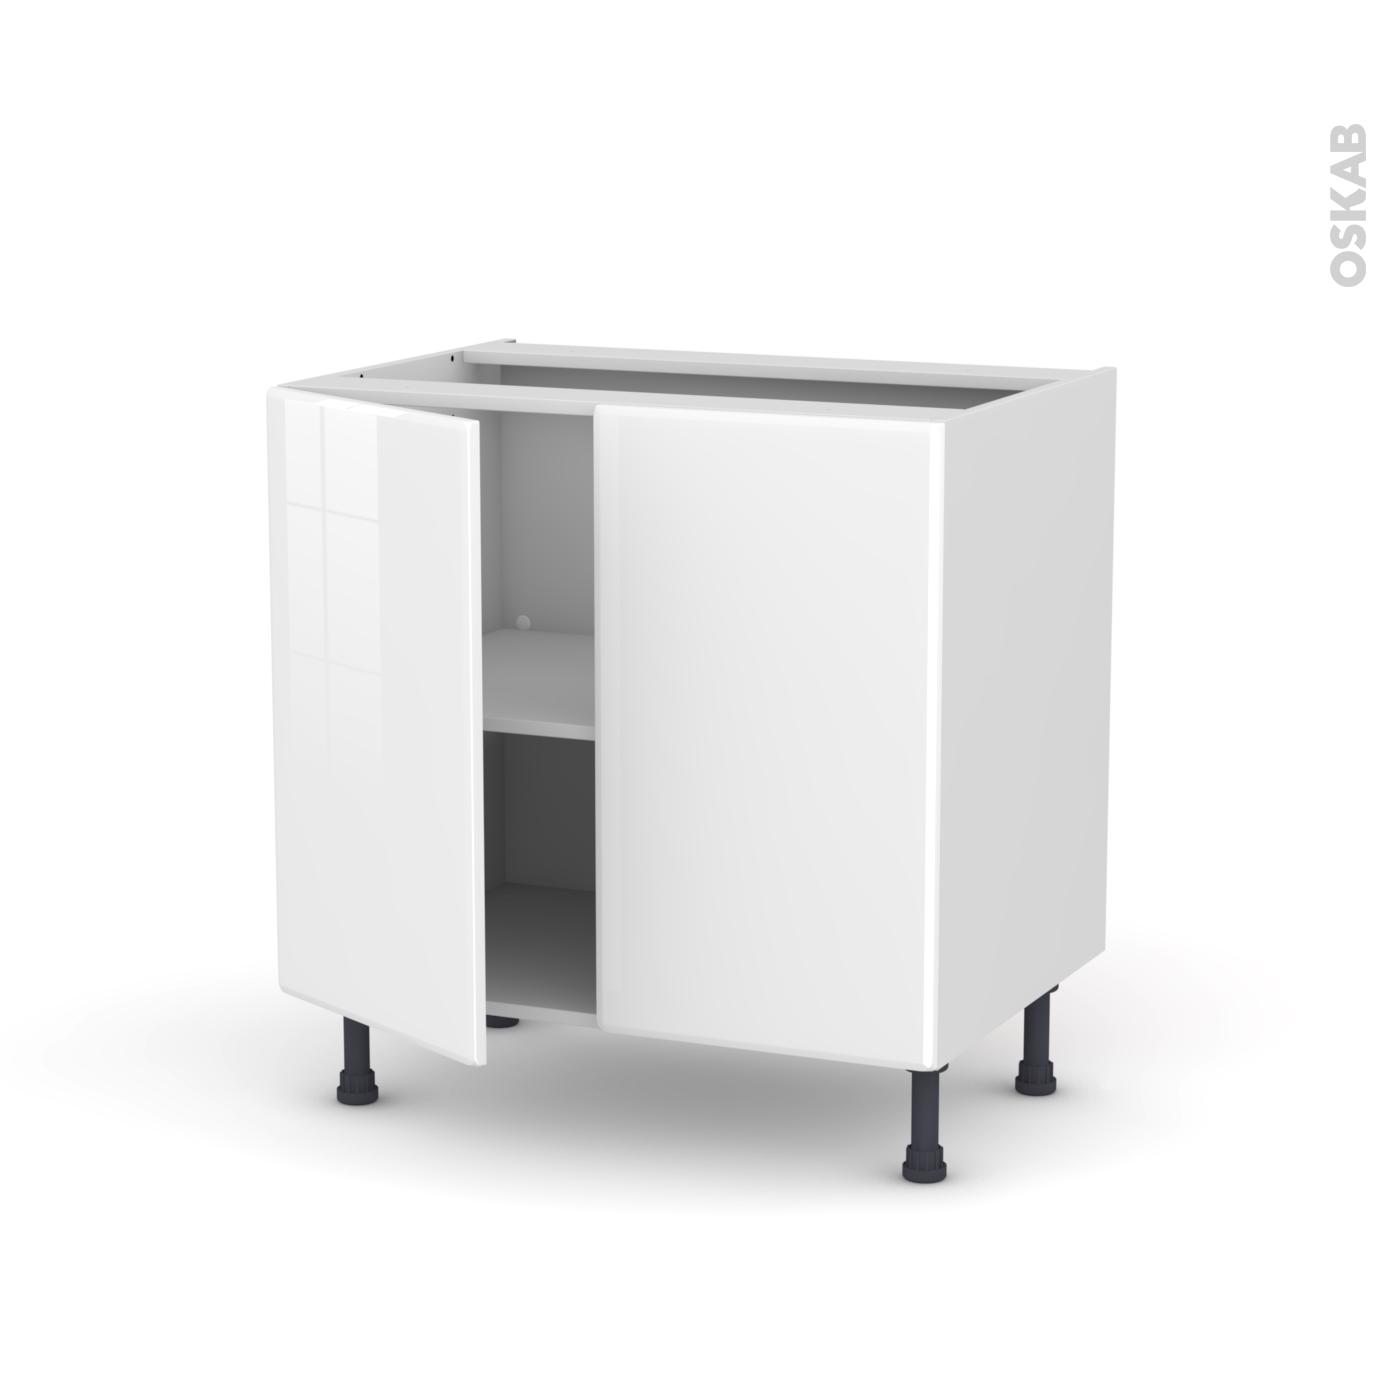 Meuble de cuisine Bas IRIS Blanc, 14 portes, L14 x H14 x P14 cm